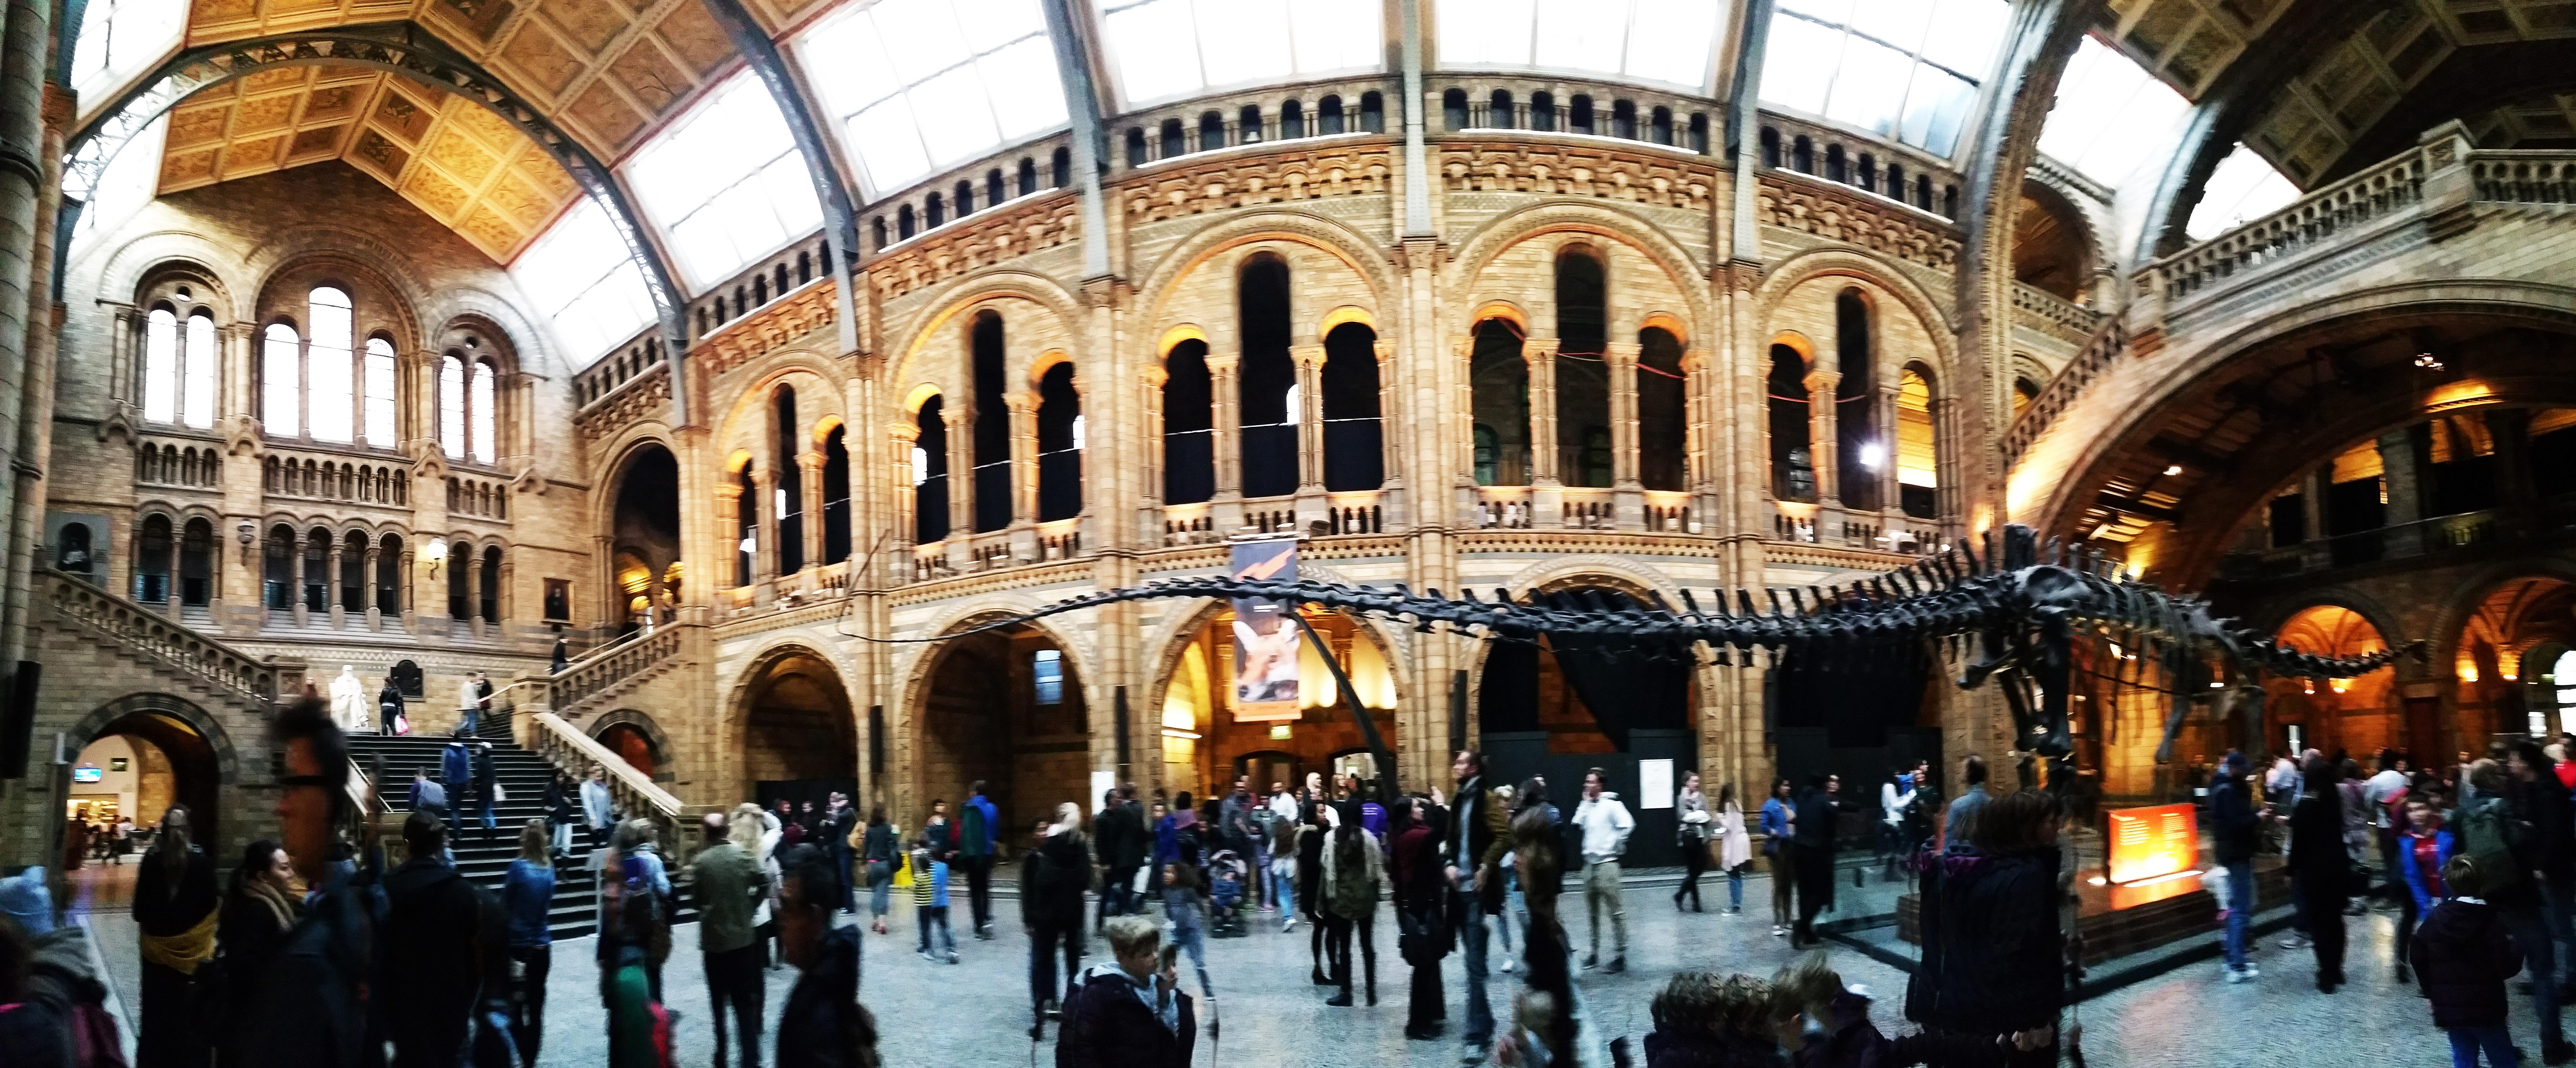 Descubre el museo de historia natural de Londres, es gratis.